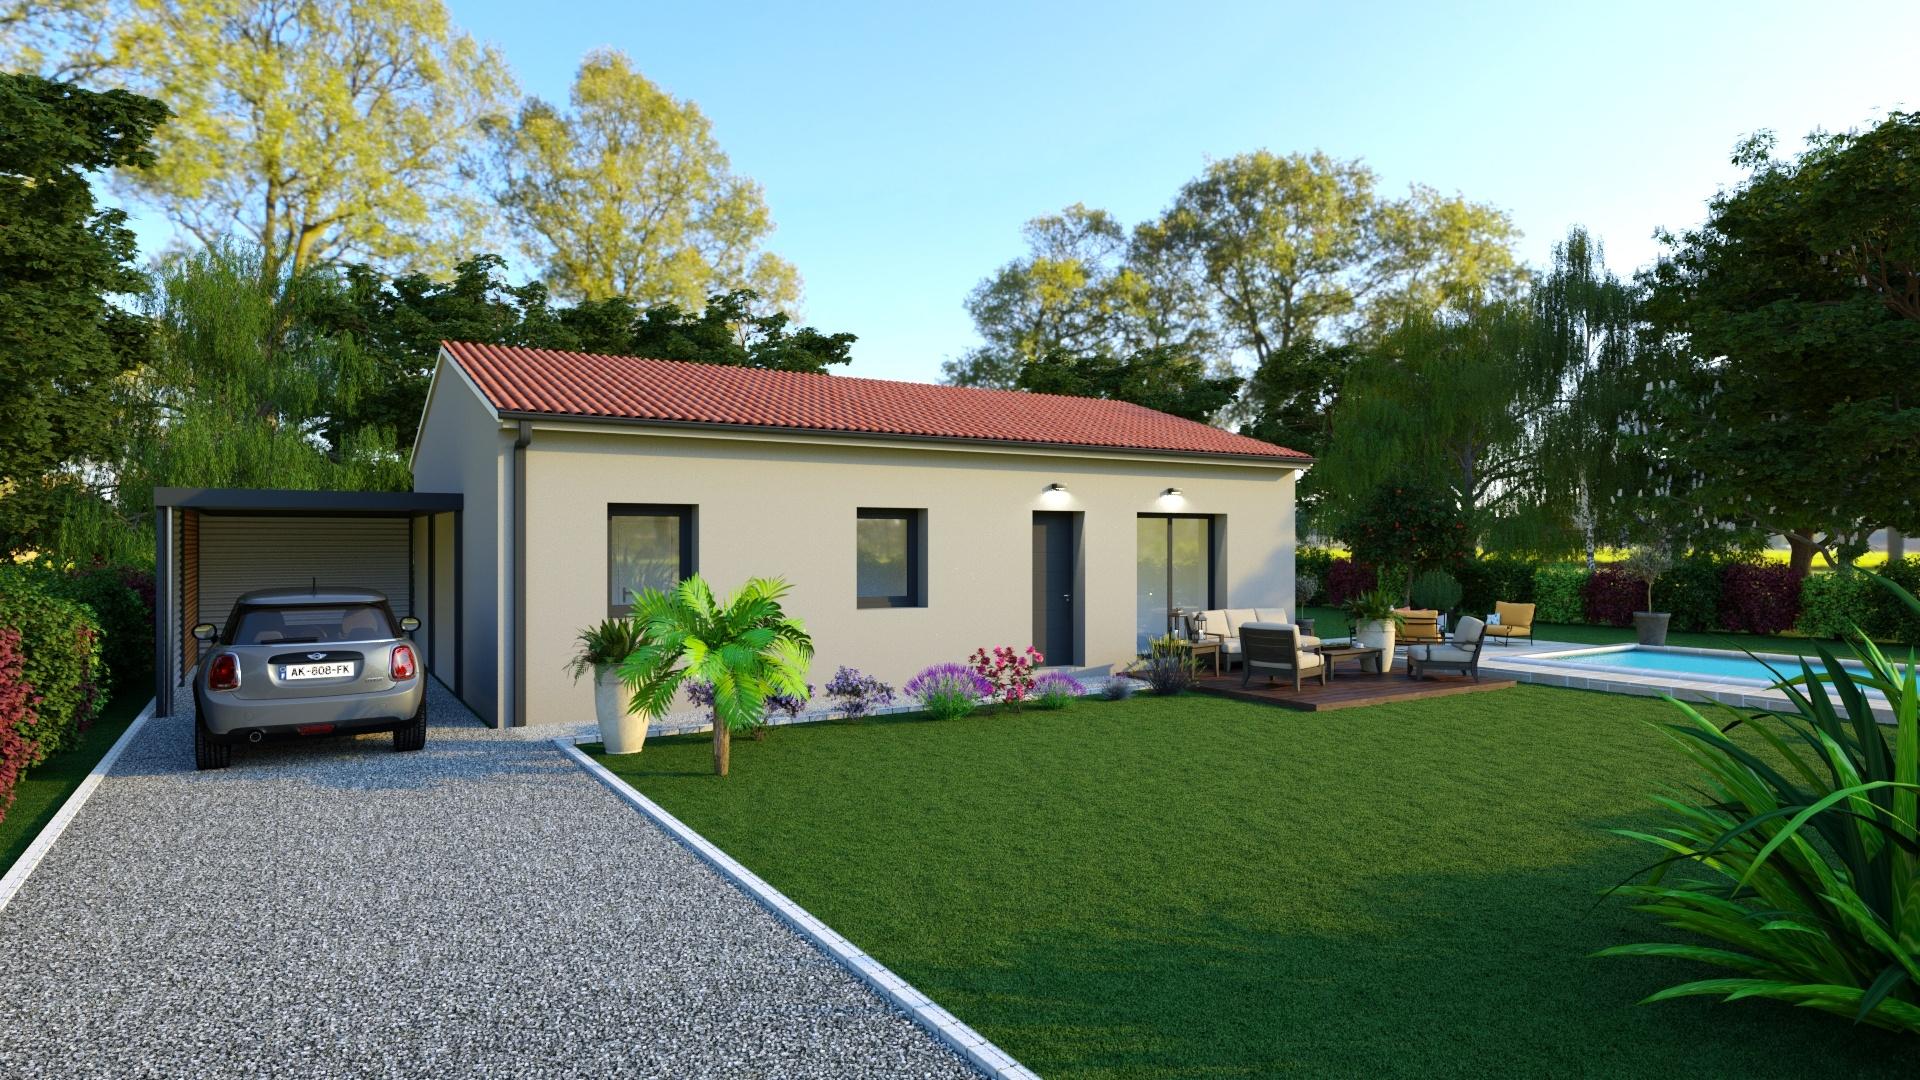 Maisons + Terrains du constructeur TRADIMAISONS • 87 m² • PLAUZAT